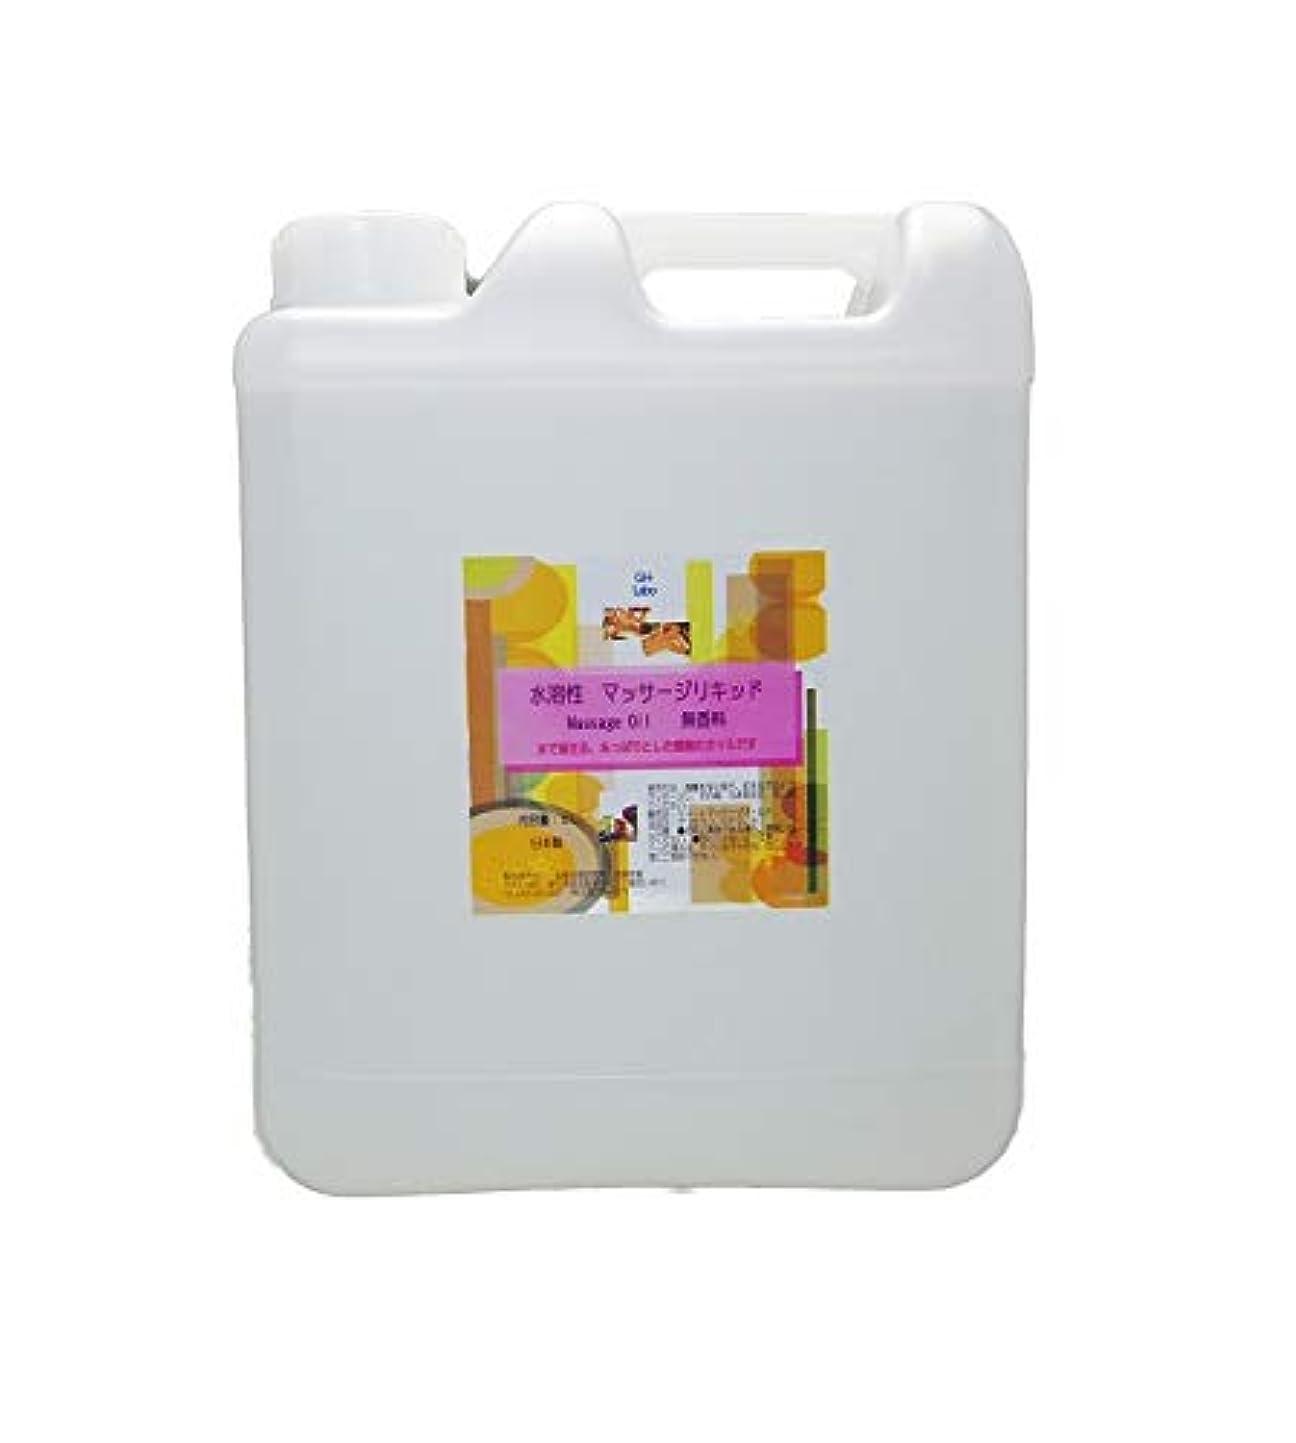 頼るホラー追放するGH-Labo 水溶性マッサージリキッド(マッサージオイル) 5L